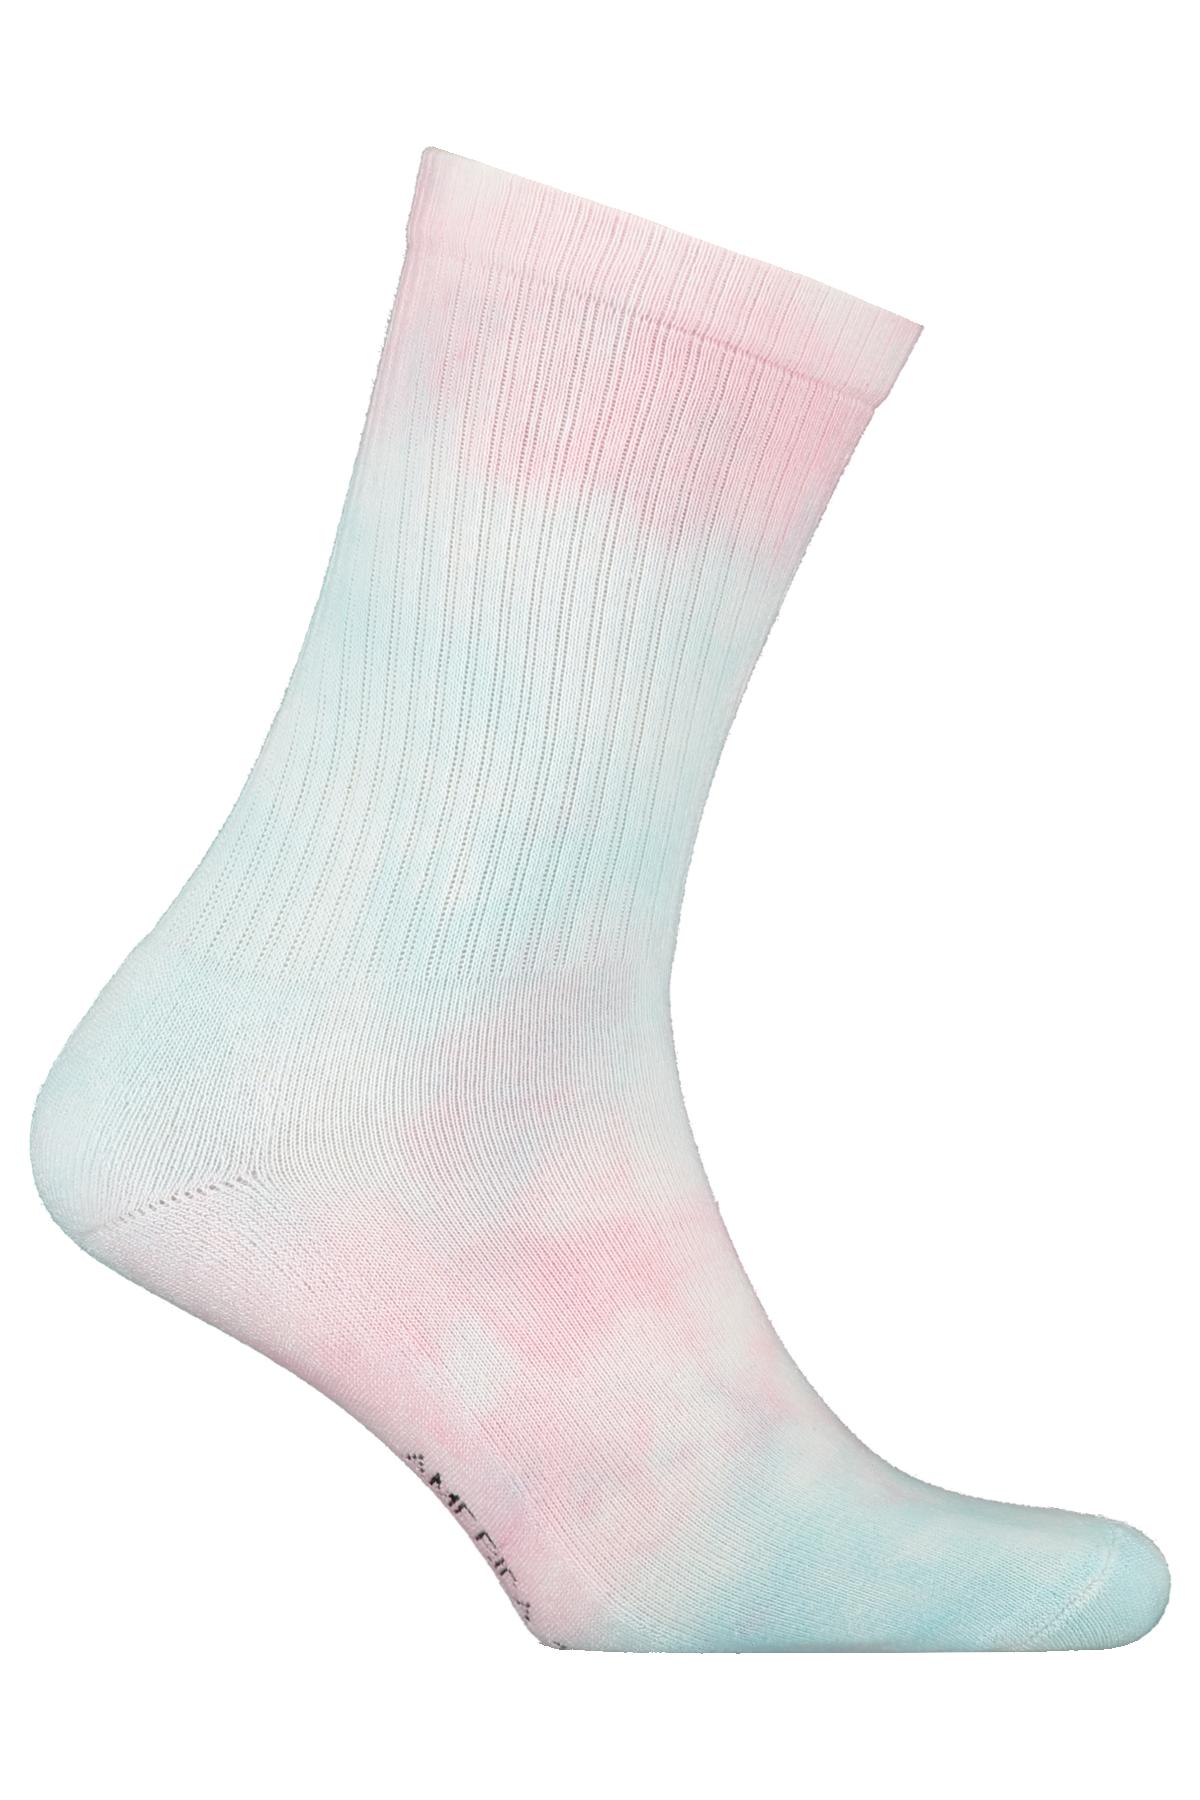 Socks Tippy Tie Dye